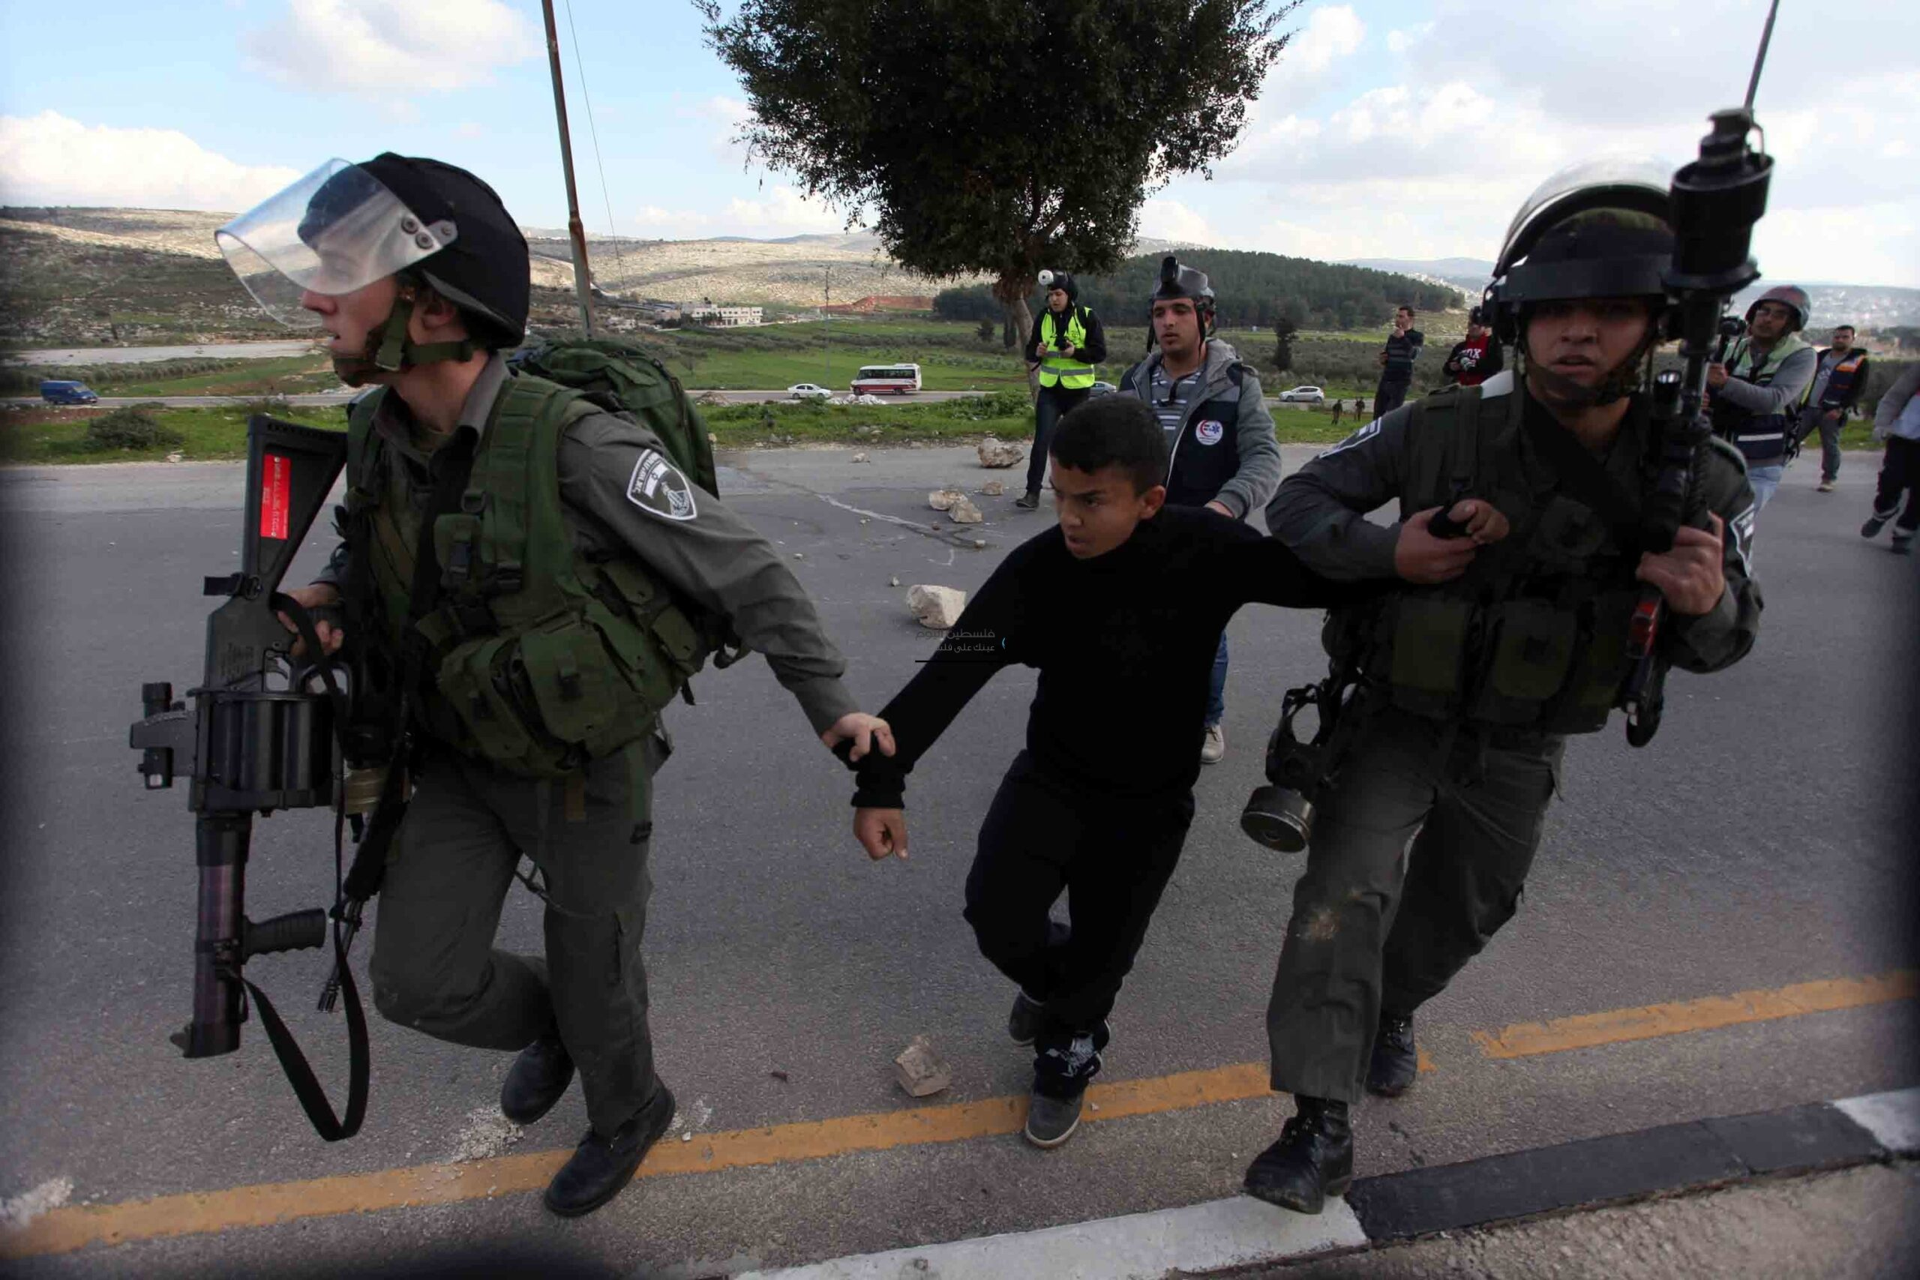 هكذا انتقمت إسرائيل من المشاركين في نصرة القدس وغزة بعدما اقتحمت عليهم منازلهم